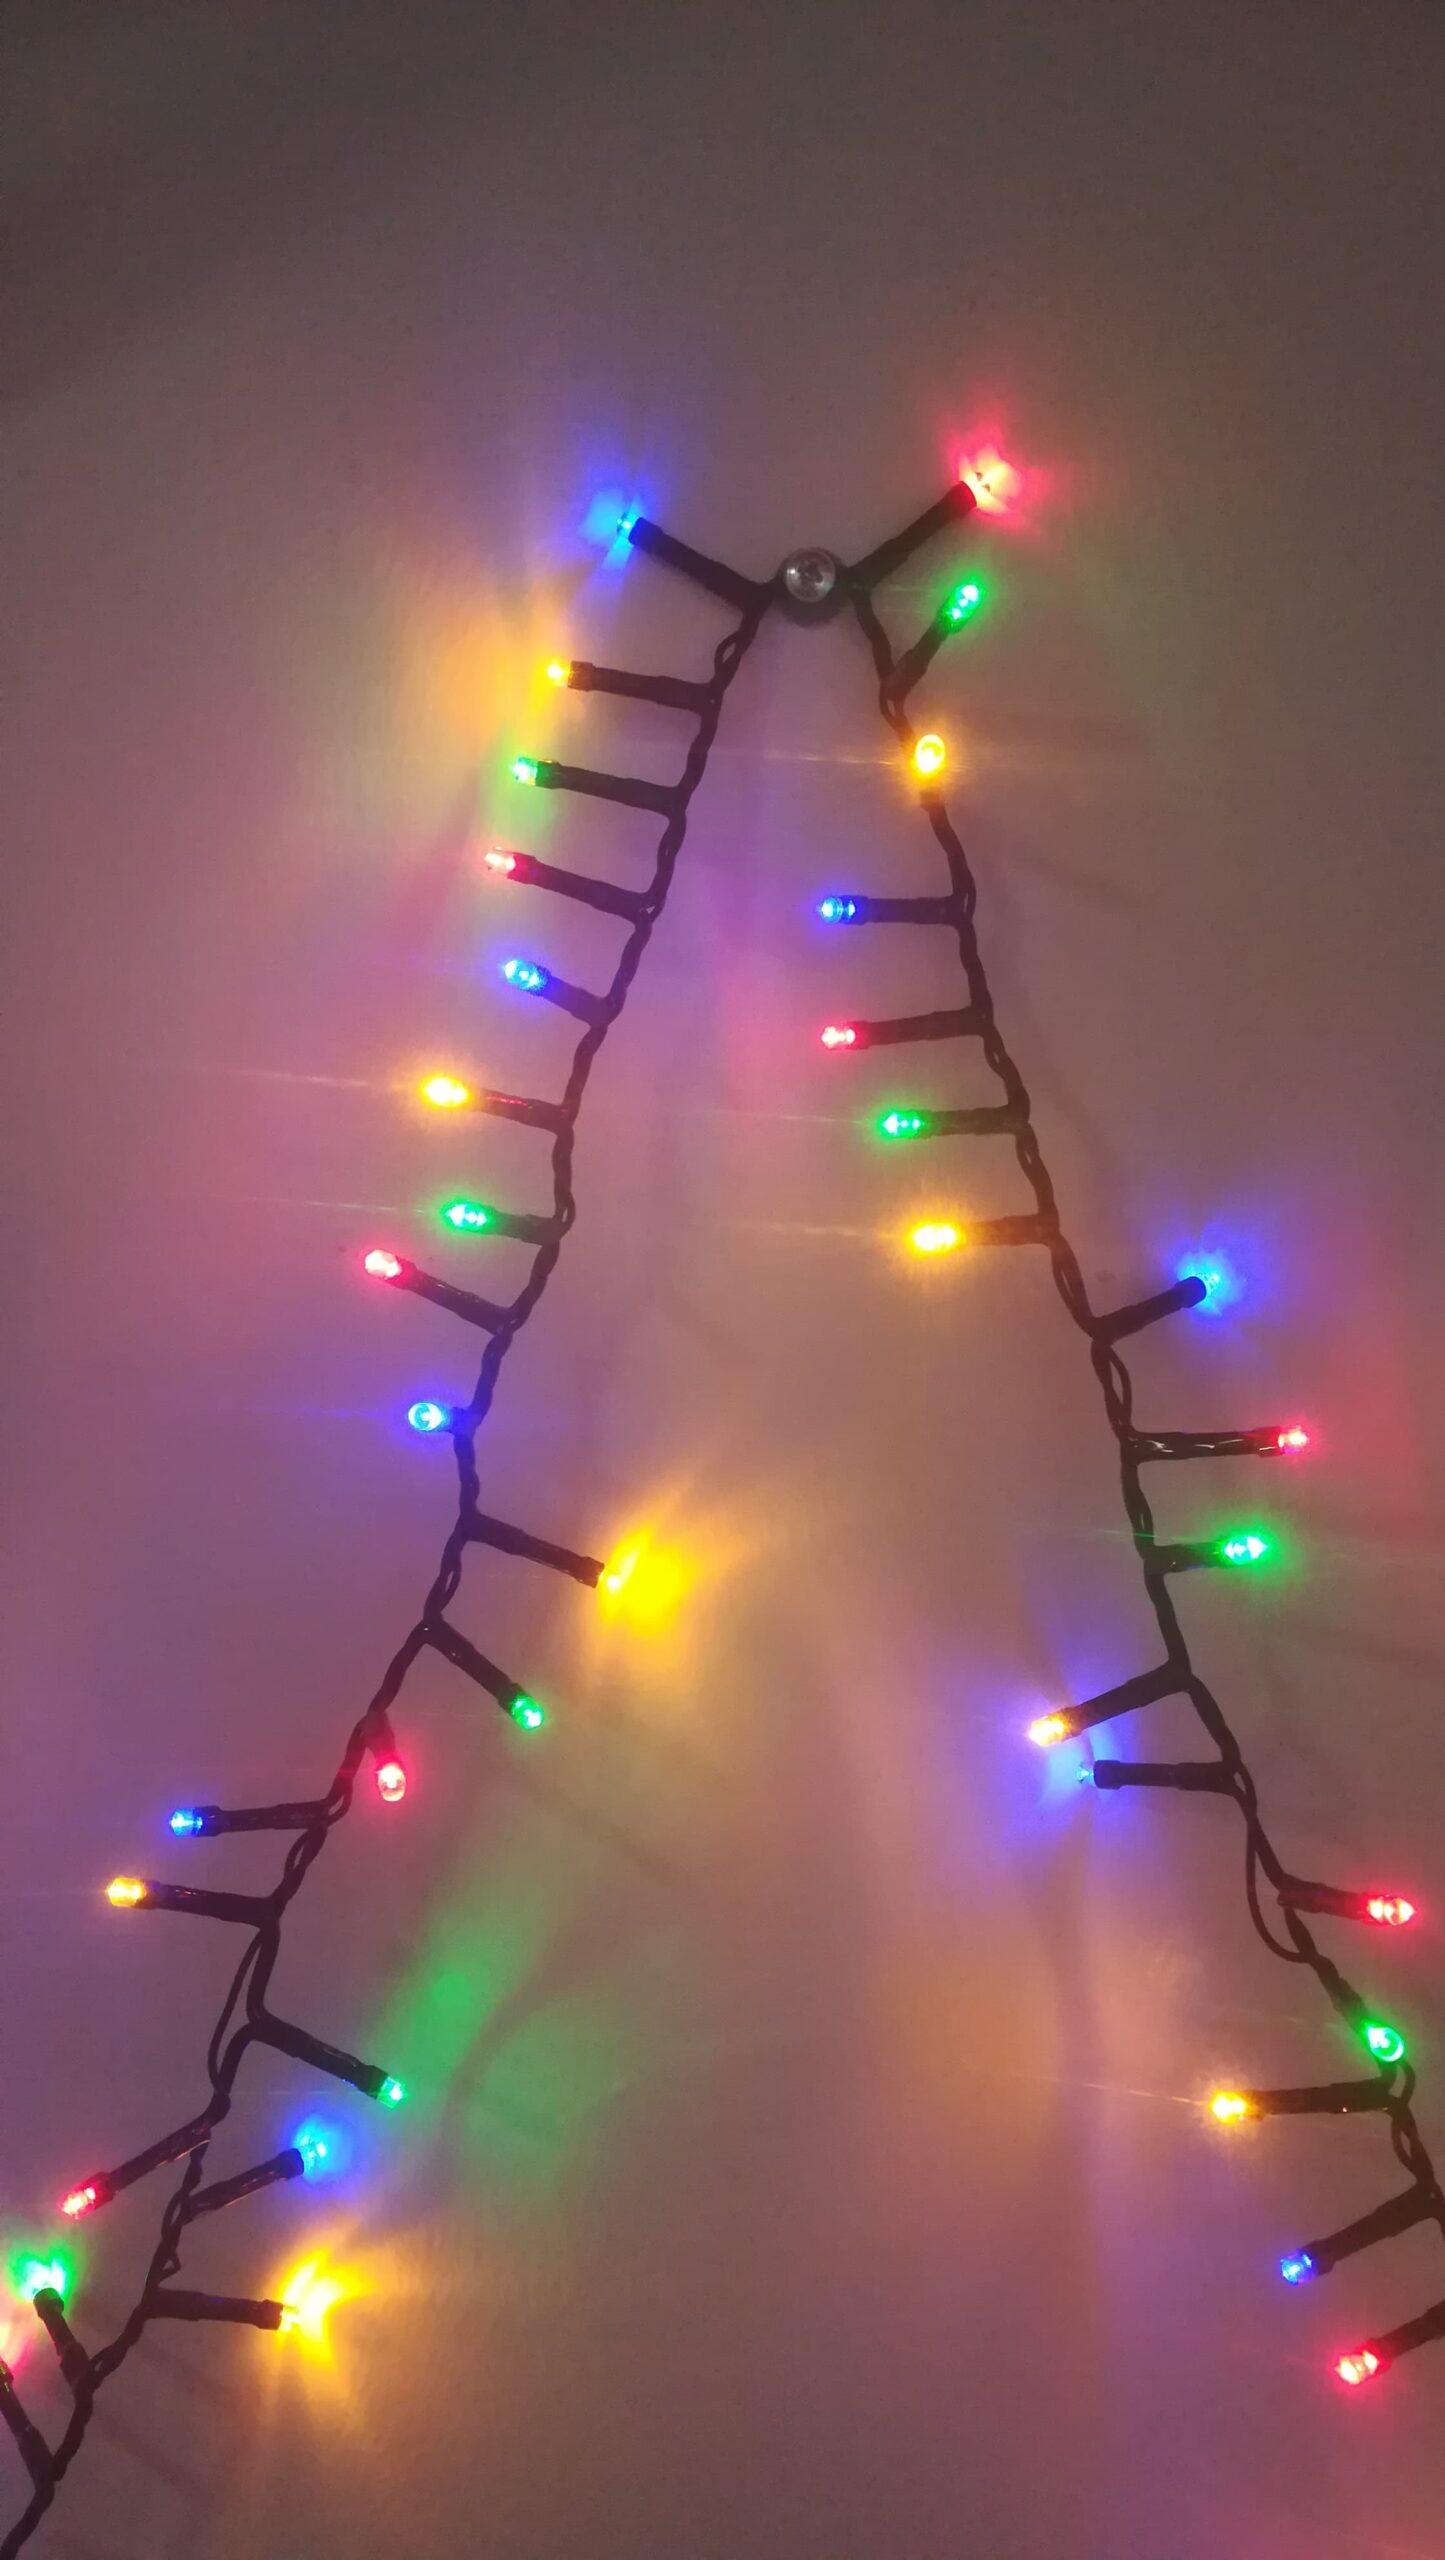 L'image est centrée sur la guirlande lumineuse. Dans la première partie, à gauche, elle grimpe le long d'un mur nu qui reflète ses couleurs bleues, rouges, jaunes et vertes. Jusqu'à un clou enfoncé dans le mur sur lequel elle se repose avant de redescendre, symétrie axiale presque parfaite.